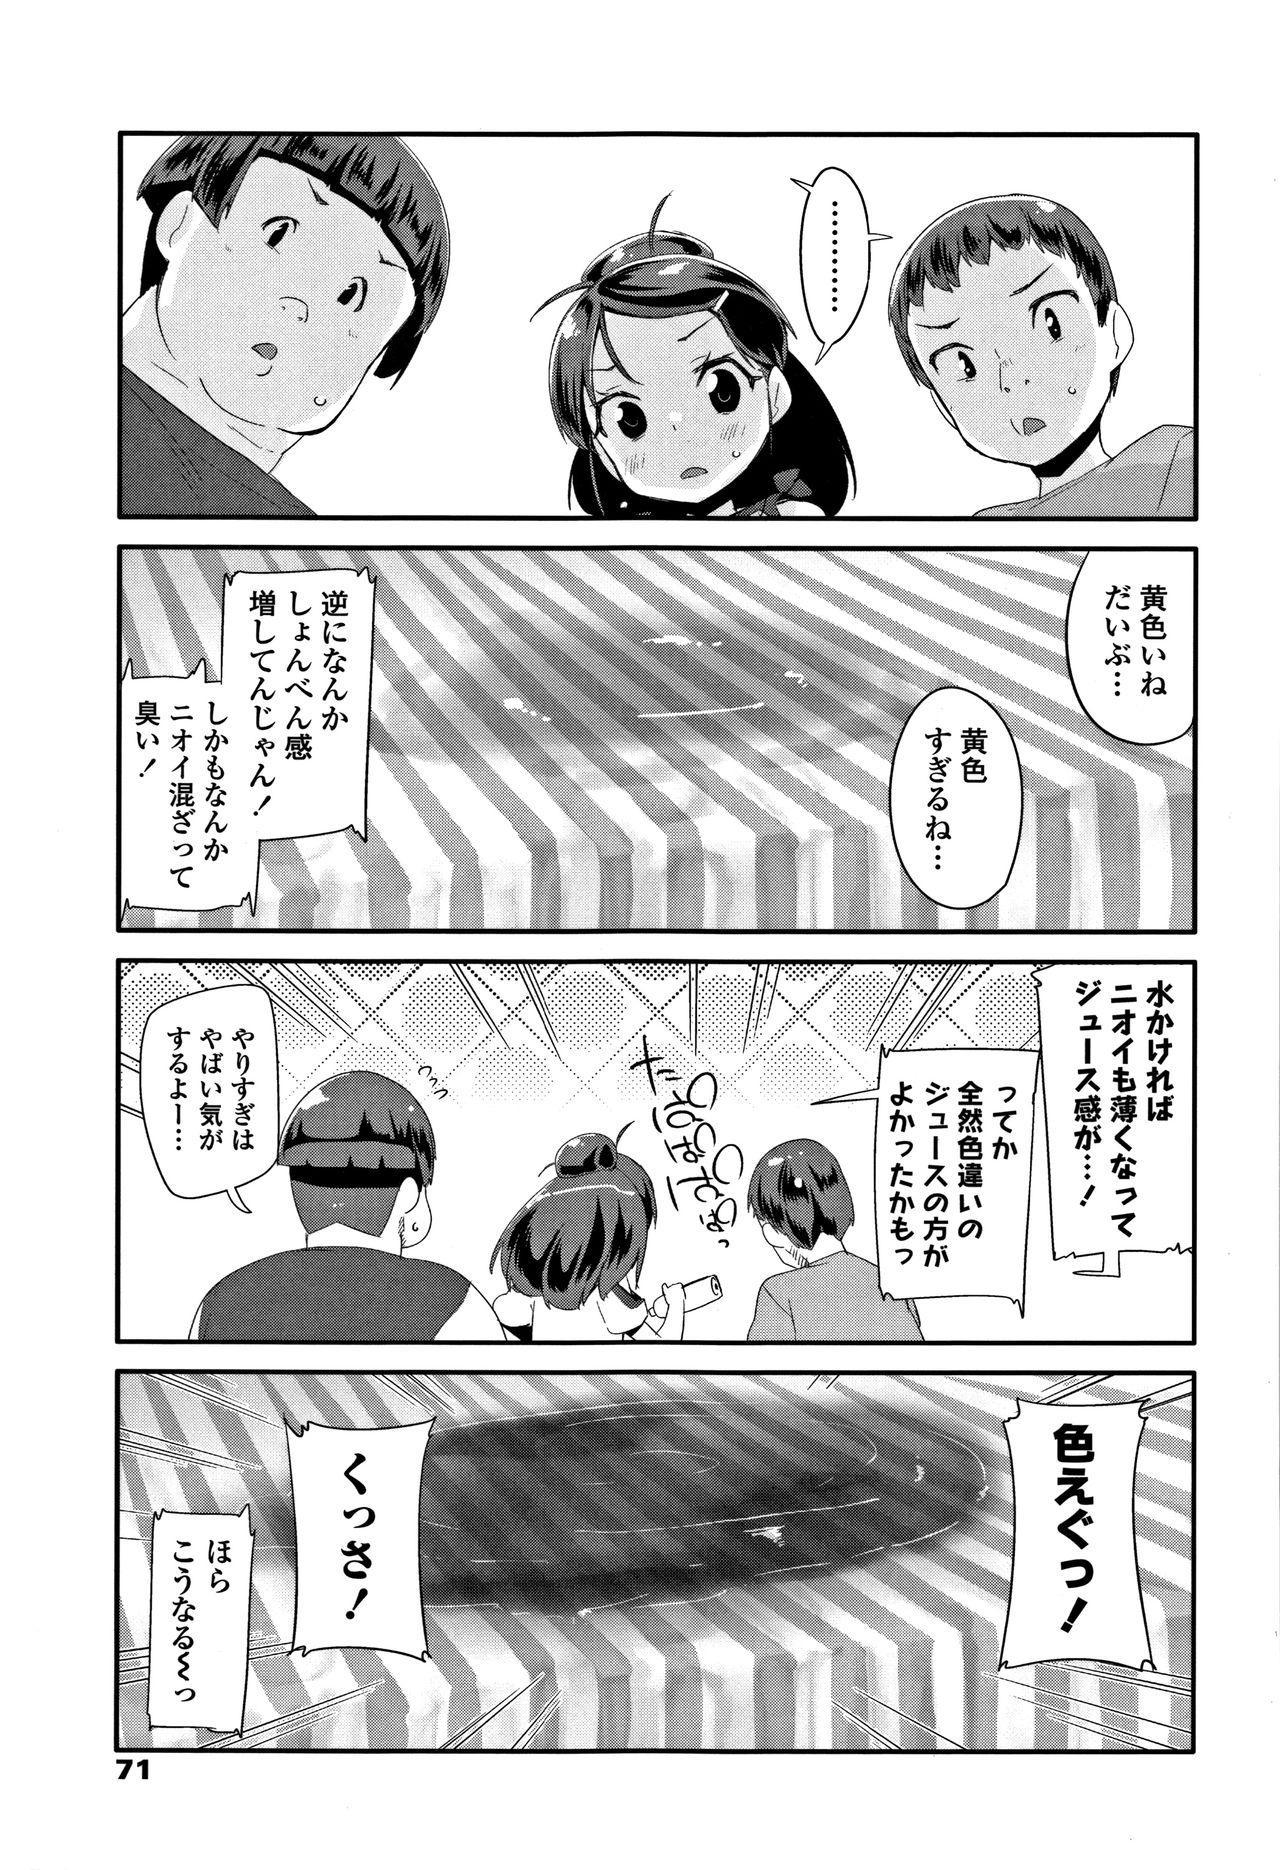 Kirakira Otona Lesson 71